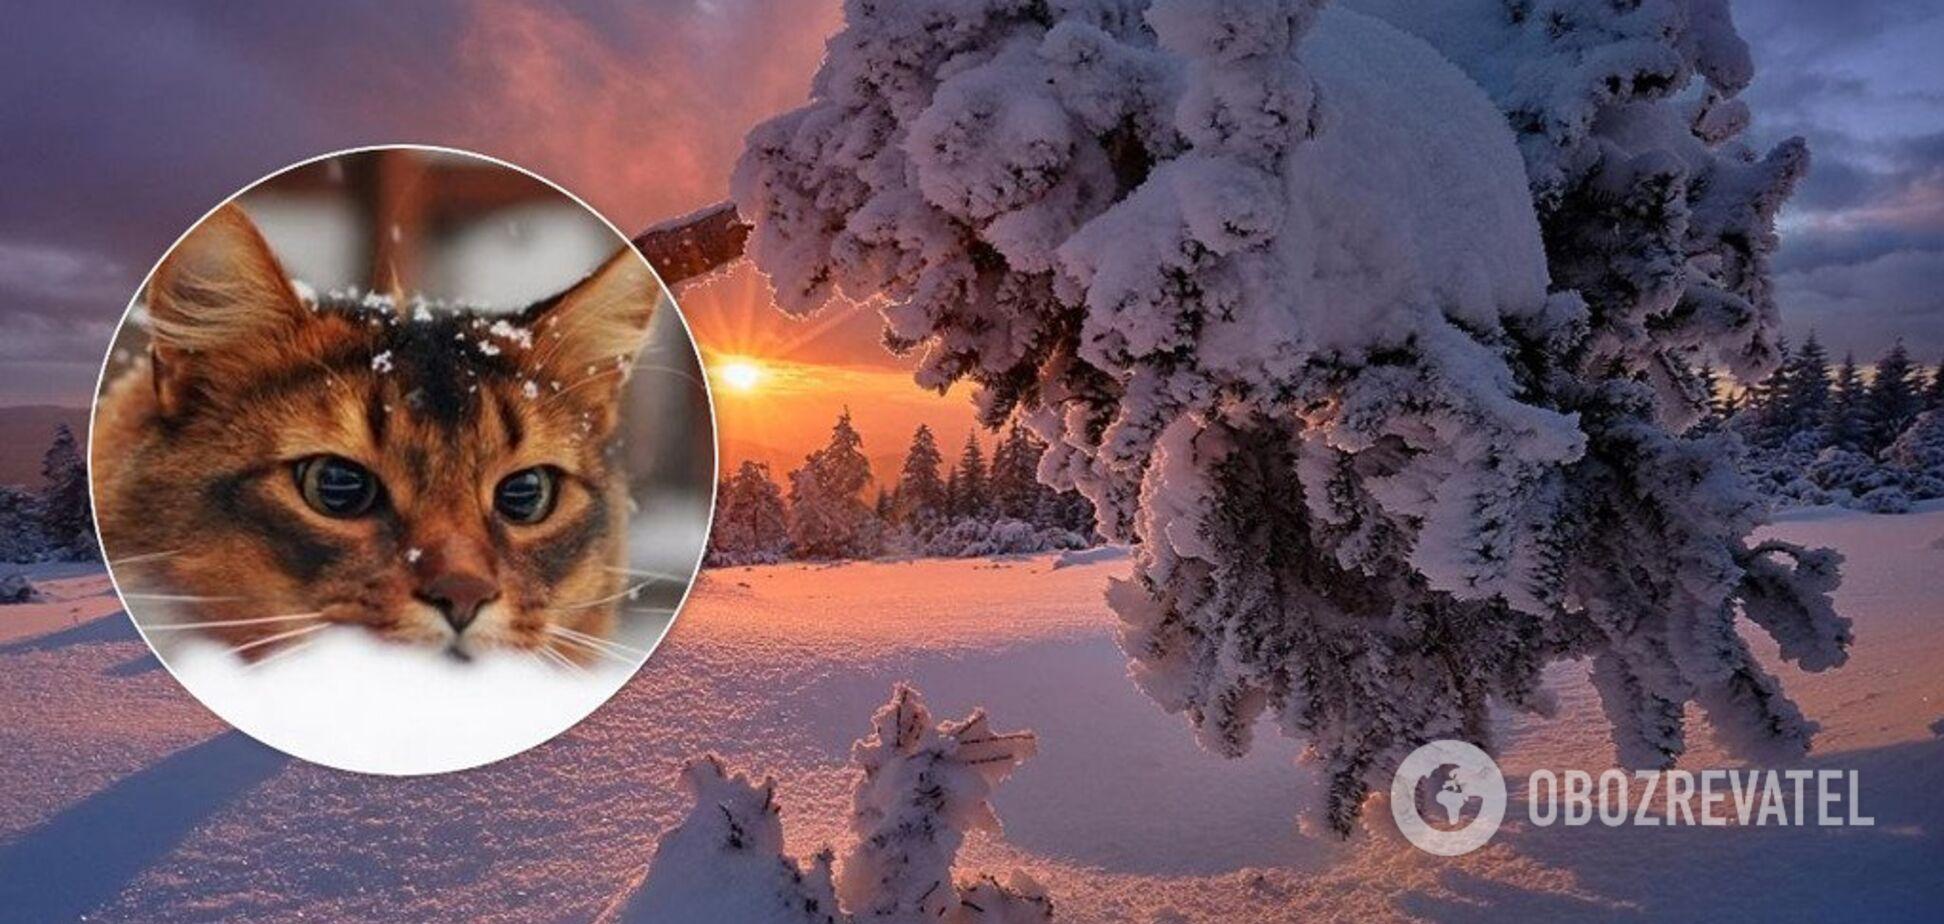 Відразу почнеться зима: синоптик розповів про погодні аномалії в Україні